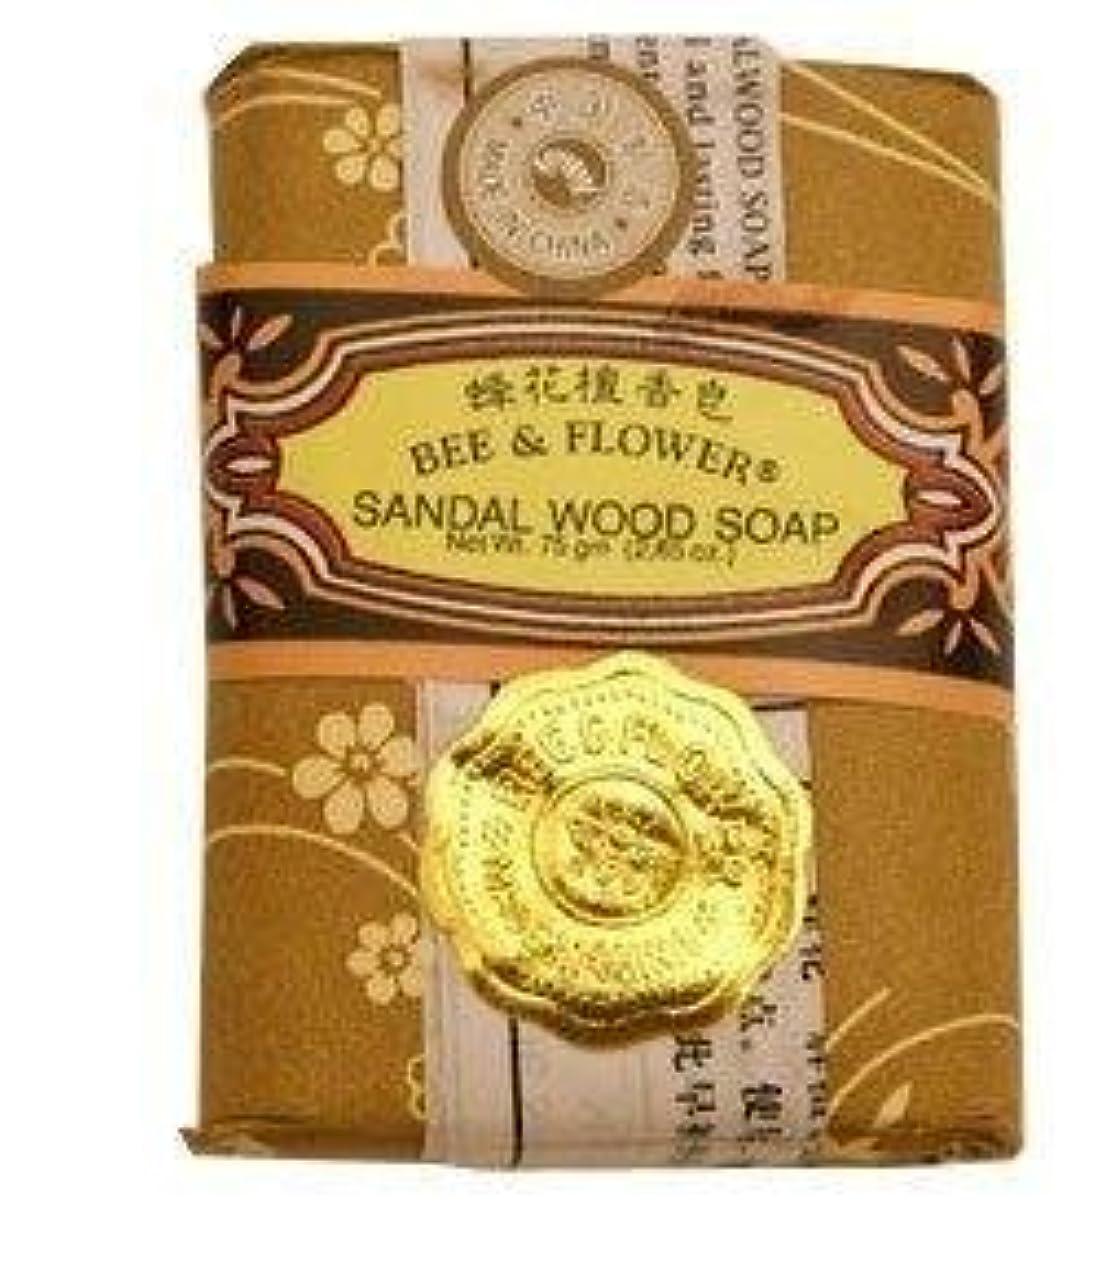 服を着る新鮮なヶ月目Bee And Flower Sandal Wood Bar Soap 2.65 Ounce - 12 per case. [並行輸入品]